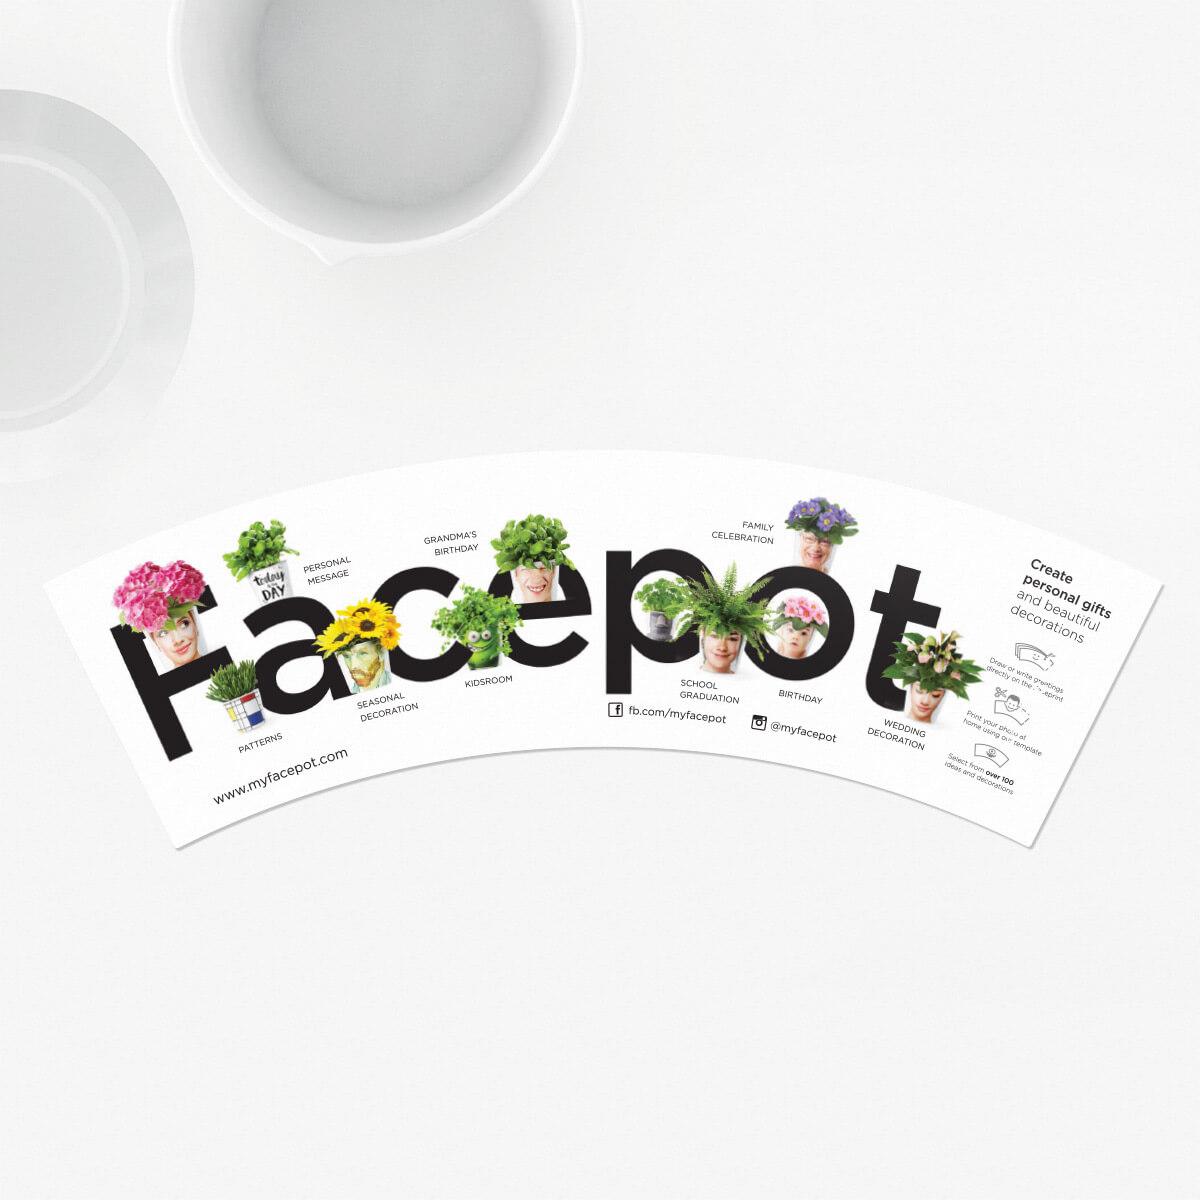 Facepot – MyFacepot